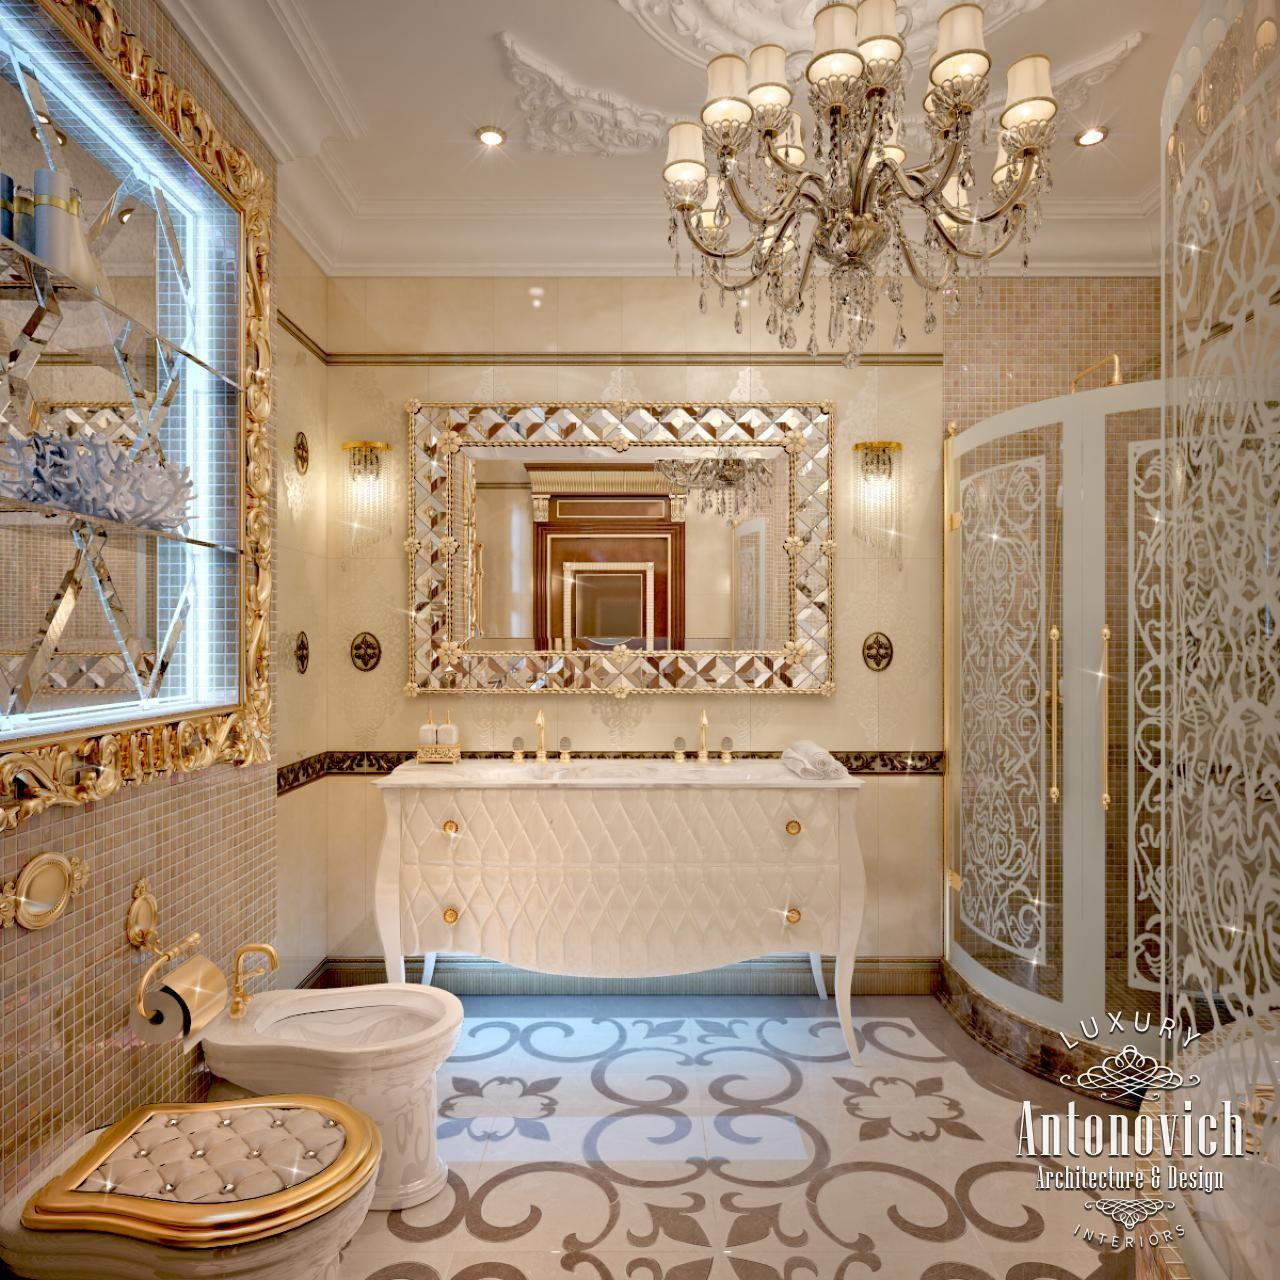 Bathroom Design in Dubai, Luxury Bathroom Interior, Photo